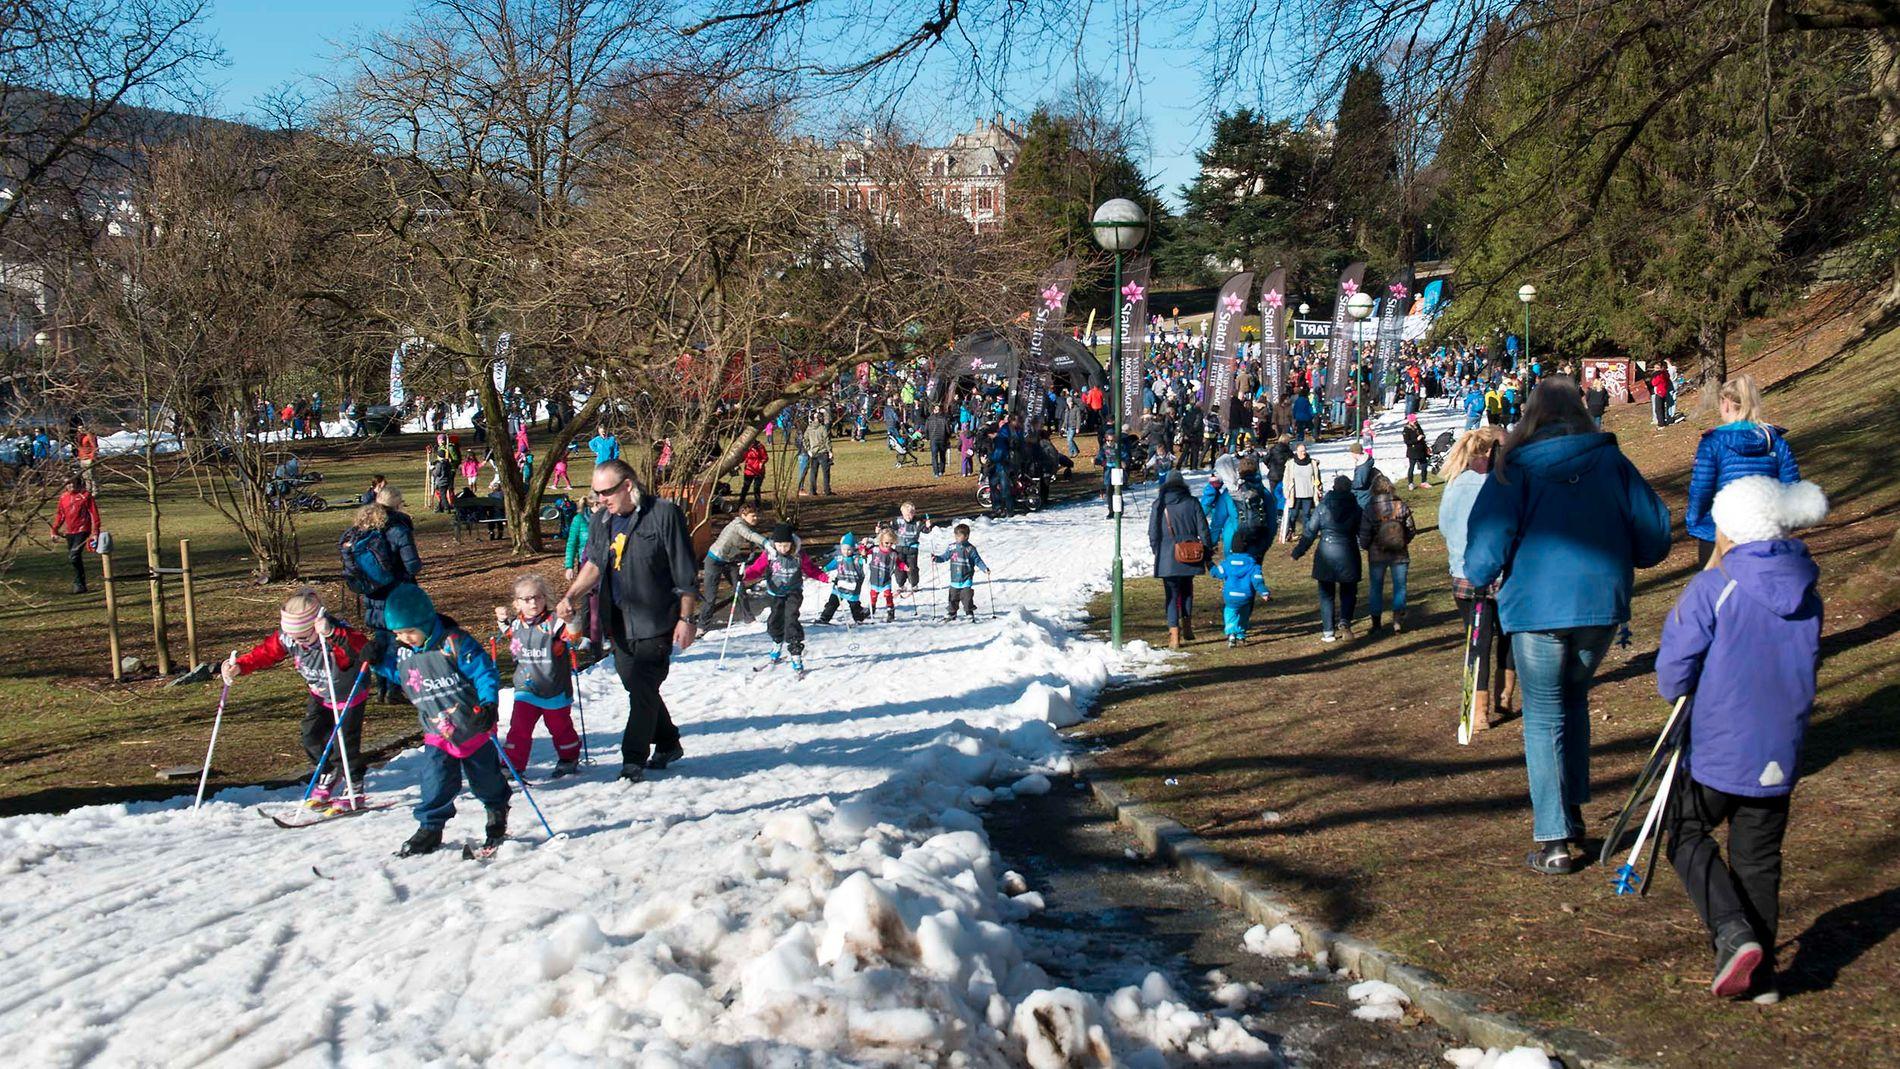 TETT I SPORET: Det kunne til tider bli tett i sporet for de mange unge som deltok på Skifestival i Nygårdsparken i dag.